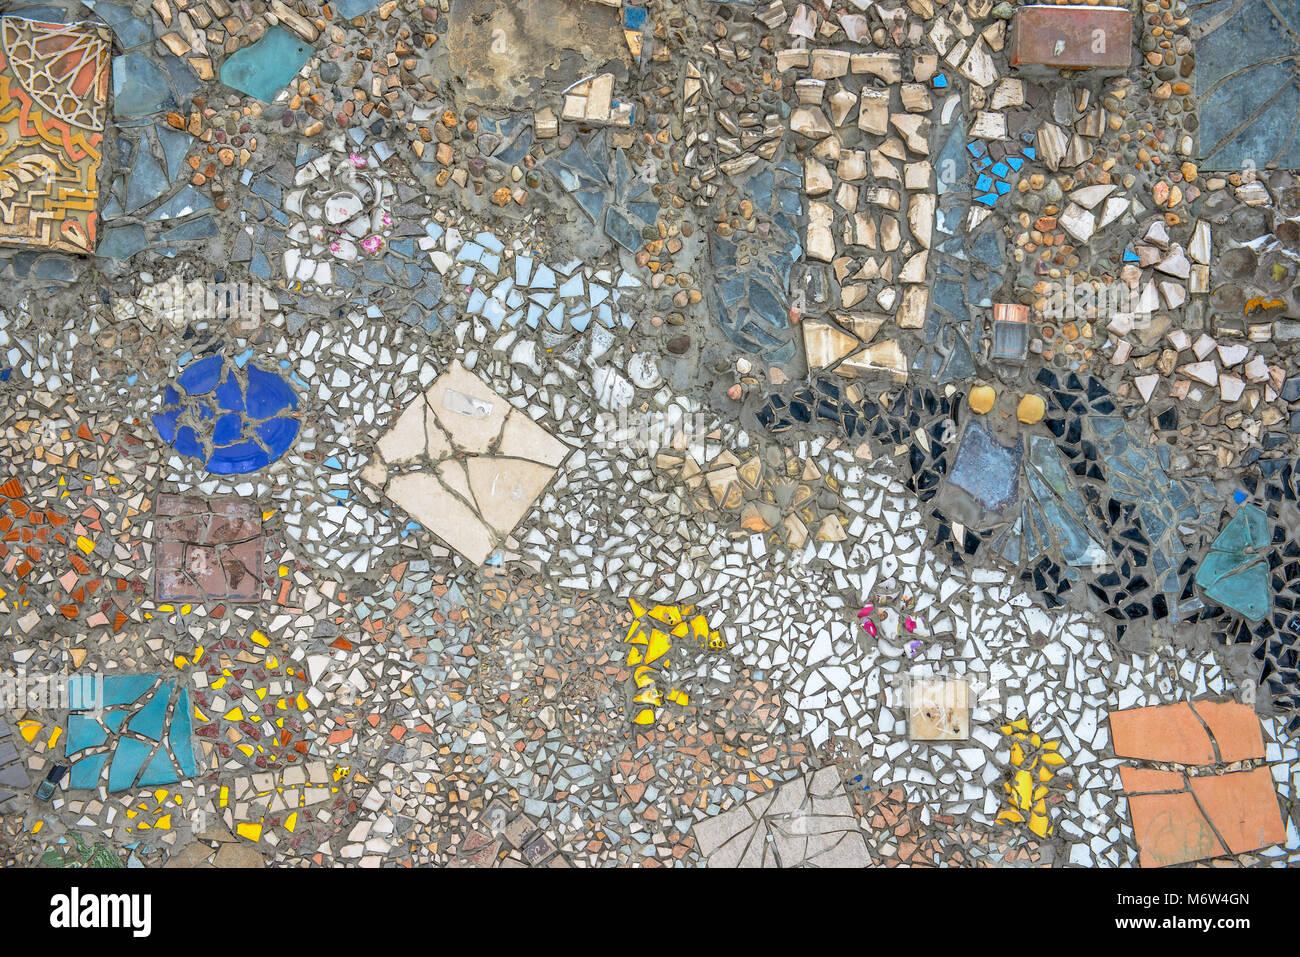 Parete in mosaico colourful piastrelle rotte pietre e ware